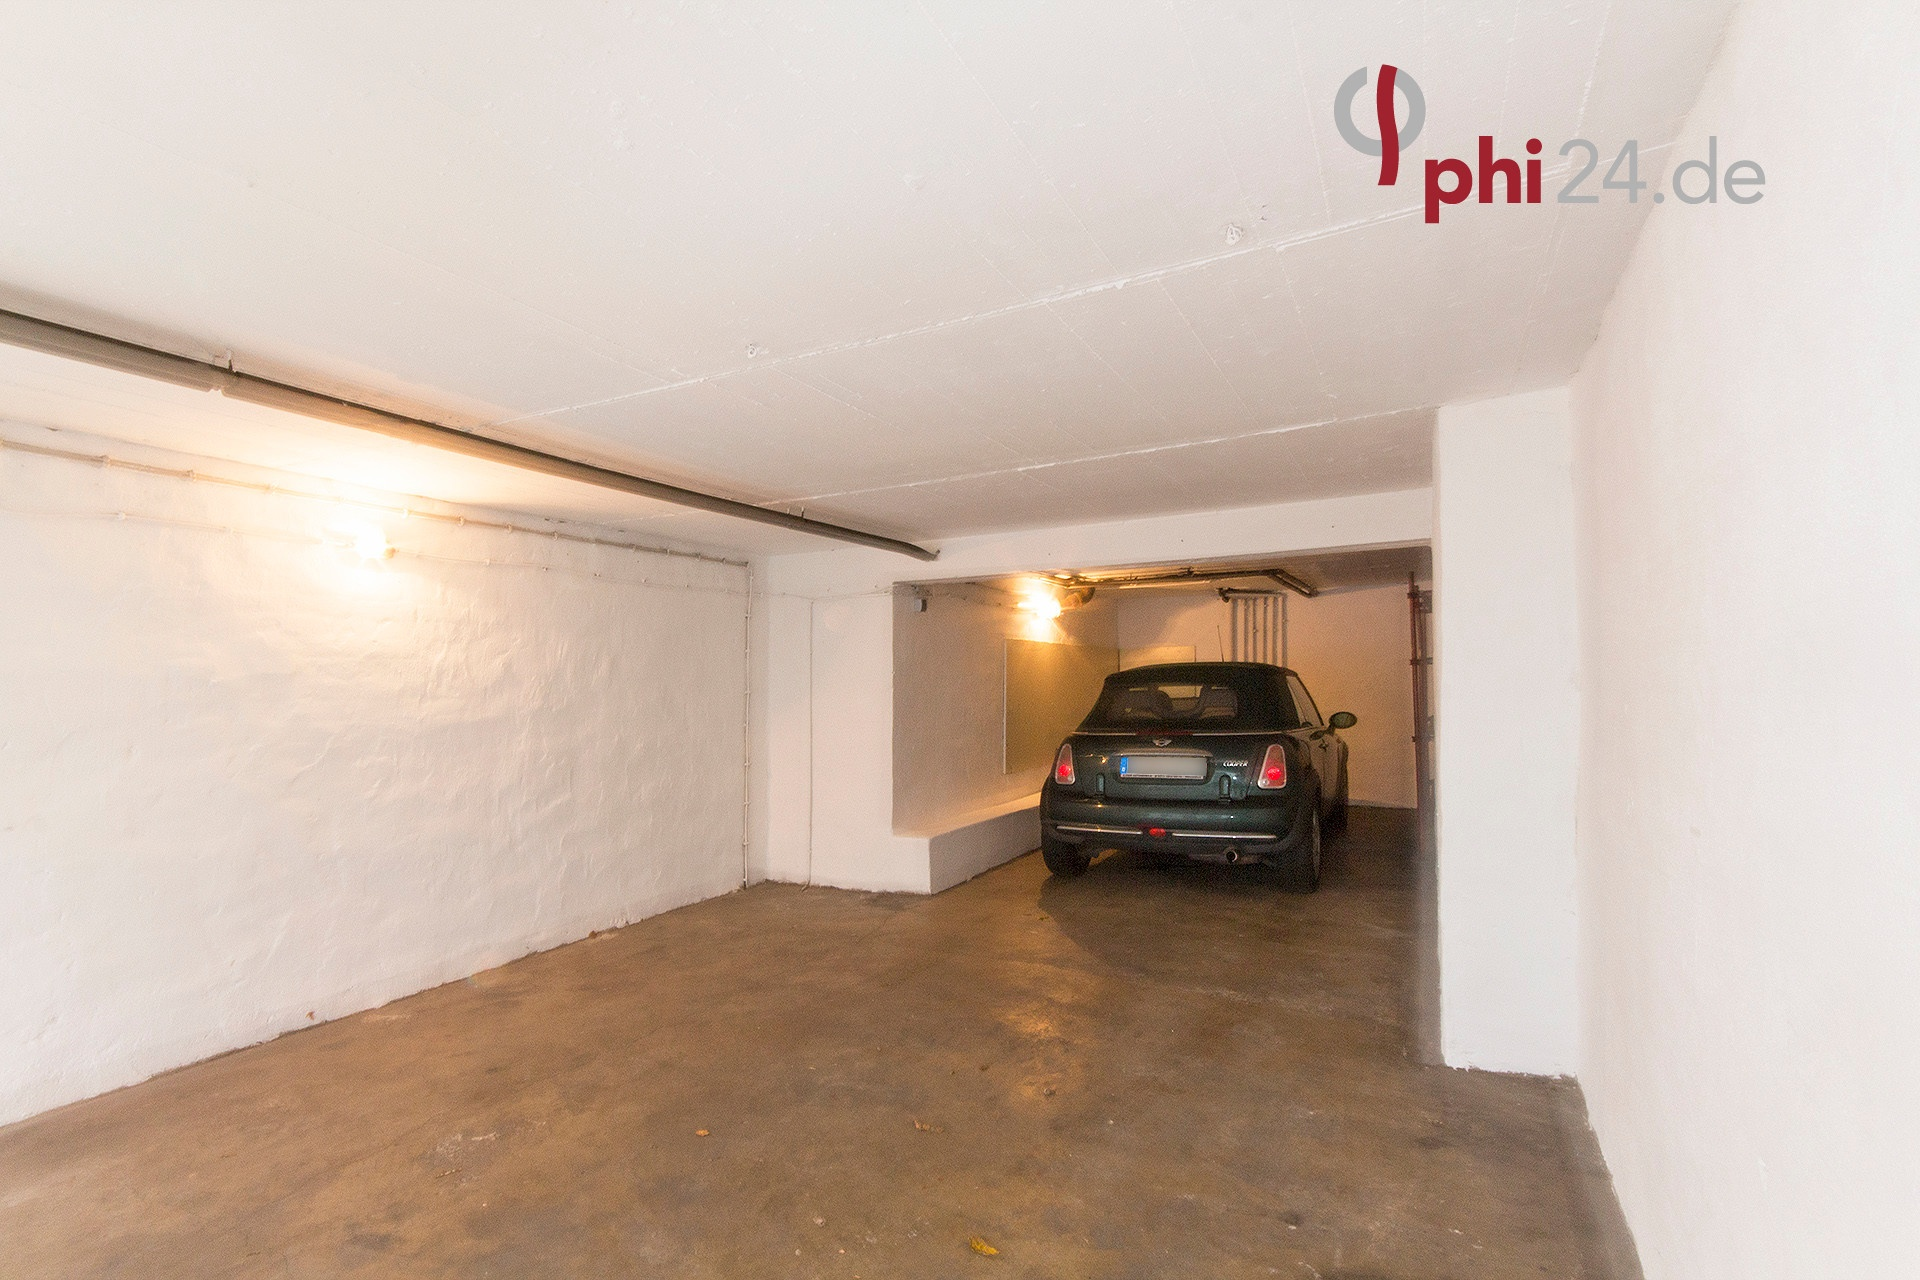 Immobilienmakler Aachen Sonstige Immobilie referenzen mit Immobilienbewertung